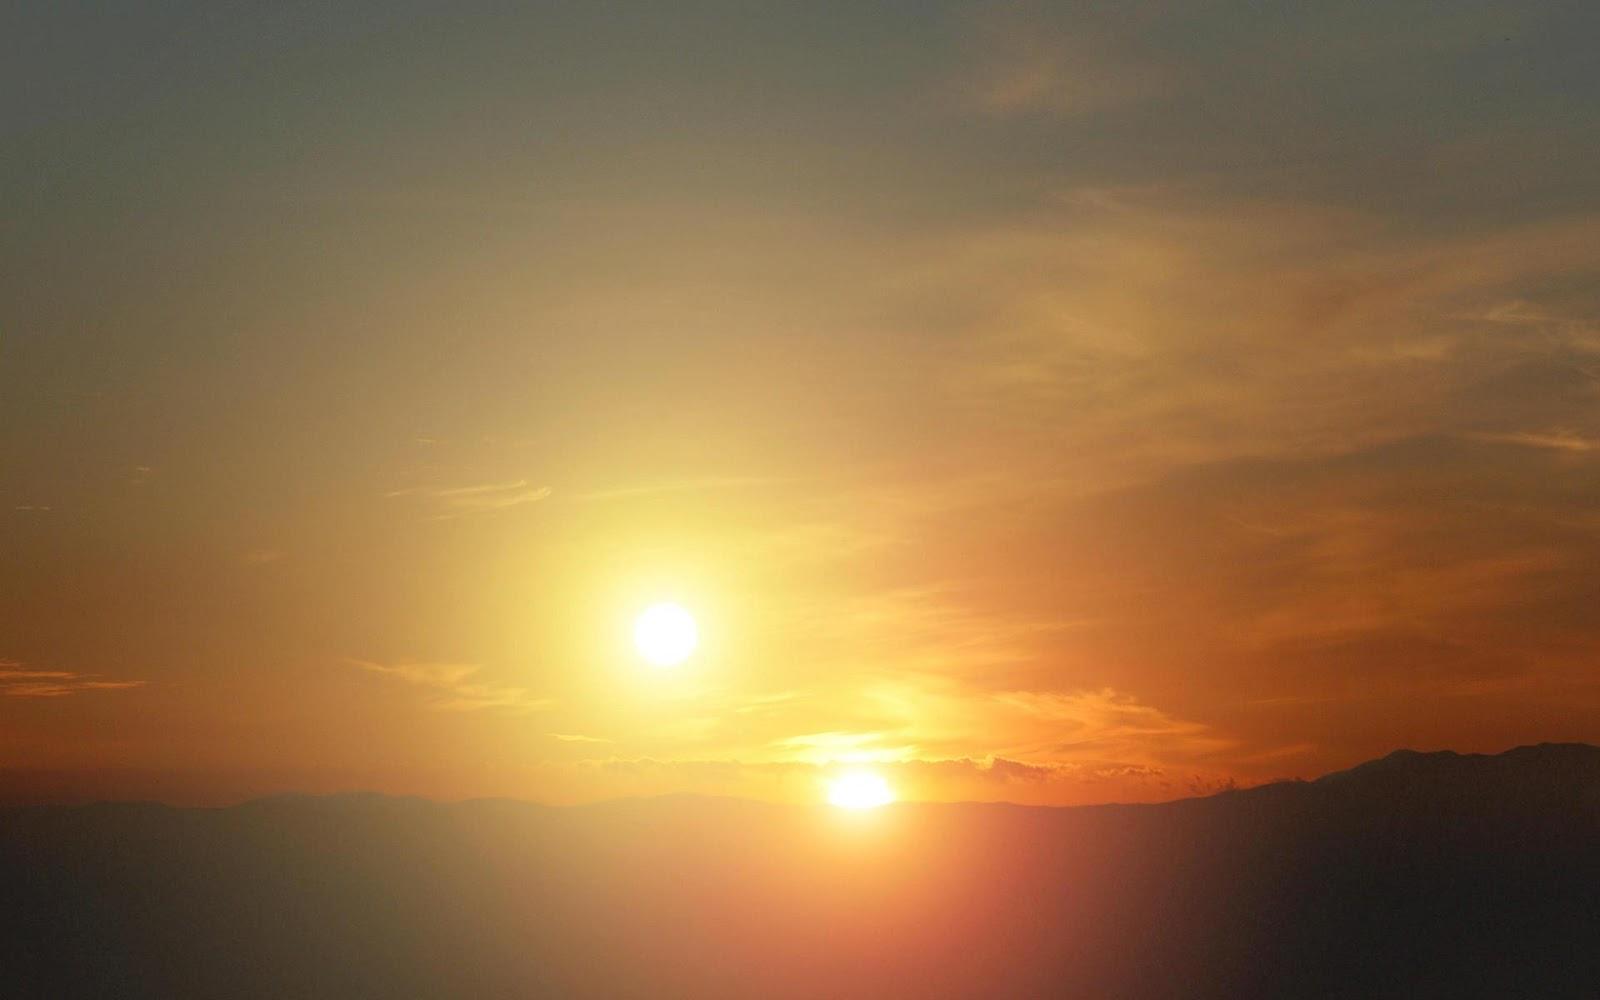 http://1.bp.blogspot.com/-f5OQFQYYuwU/UCY1mMRs02I/AAAAAAAAMW0/Ys6w-IT0Ays/s1600/alien-sunset-concept.jpg